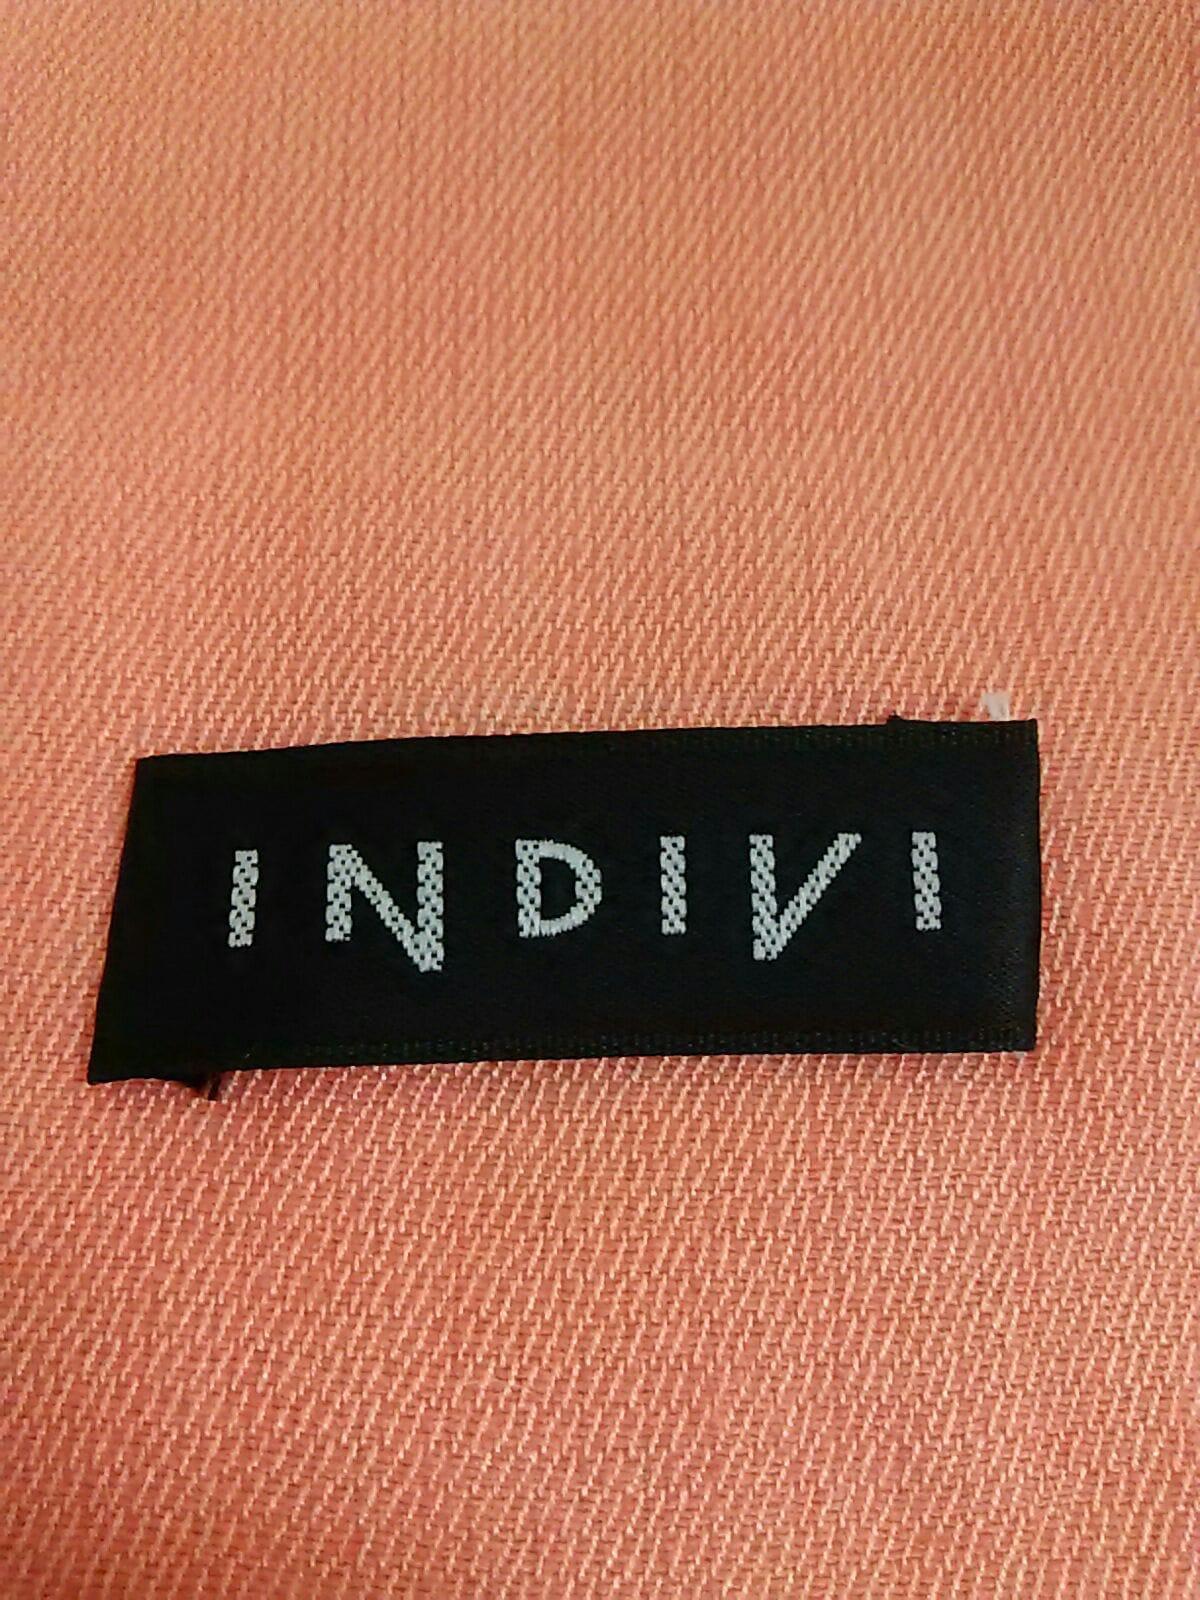 INDIVI(インディビ)のマフラー